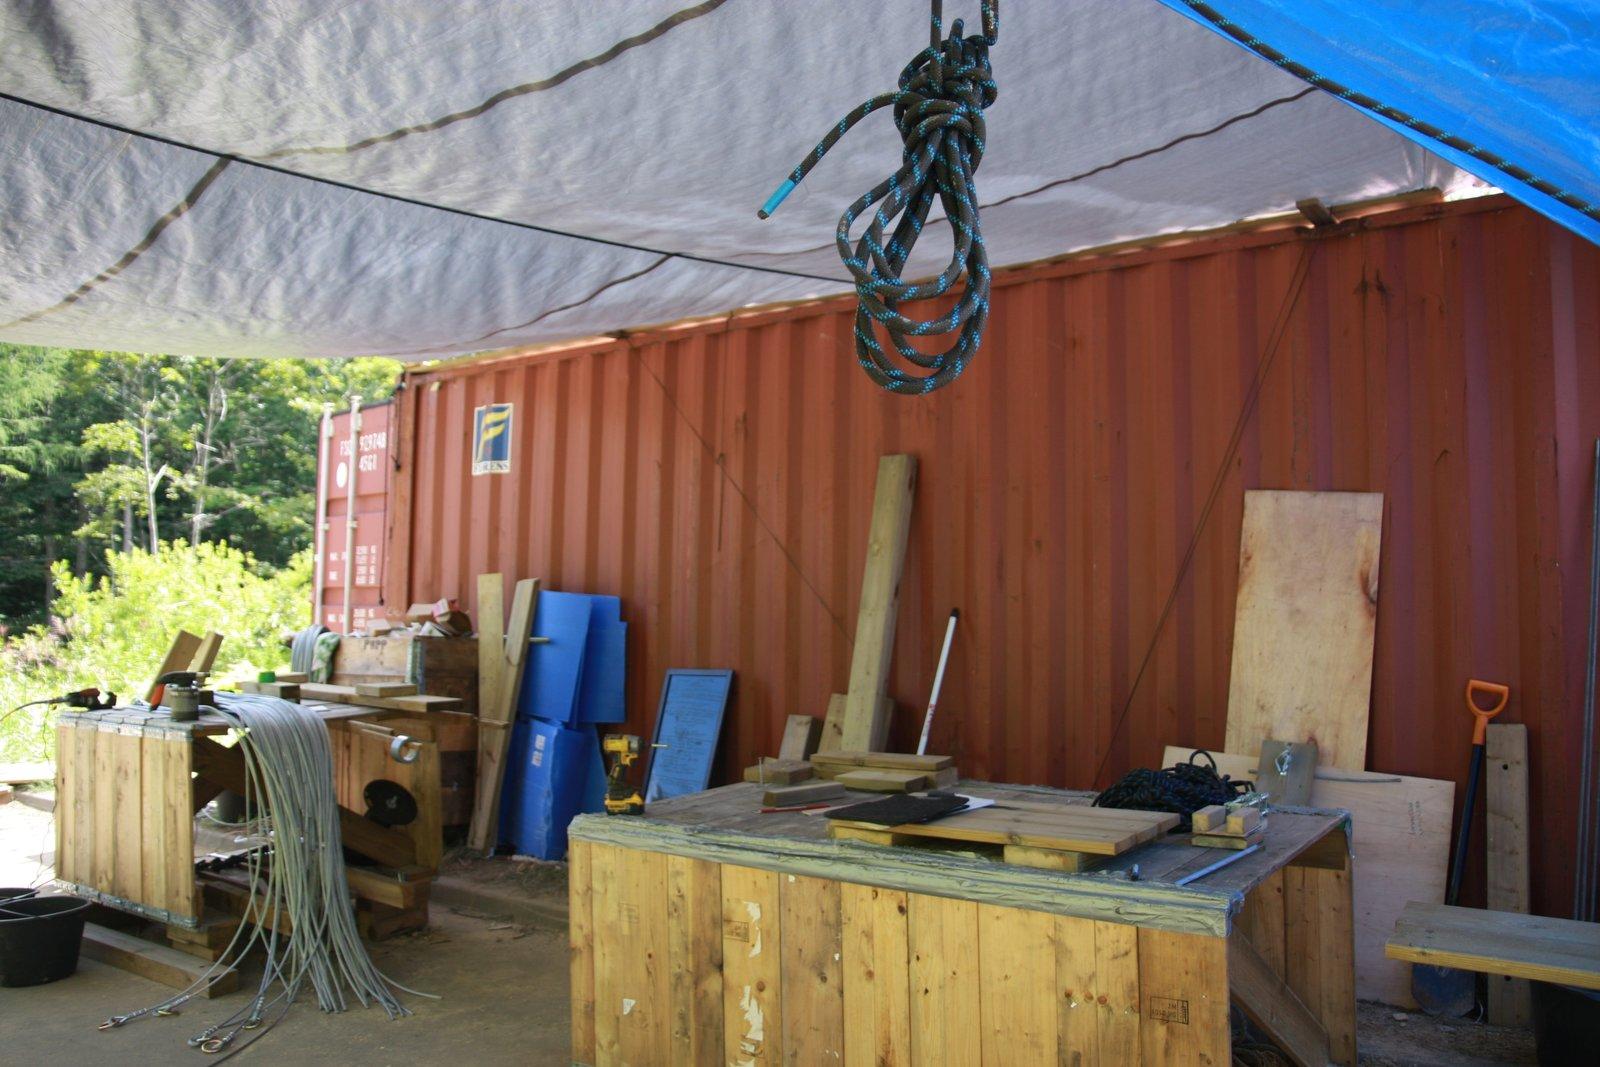 ツリートレッキングコース建設のための資材置き場